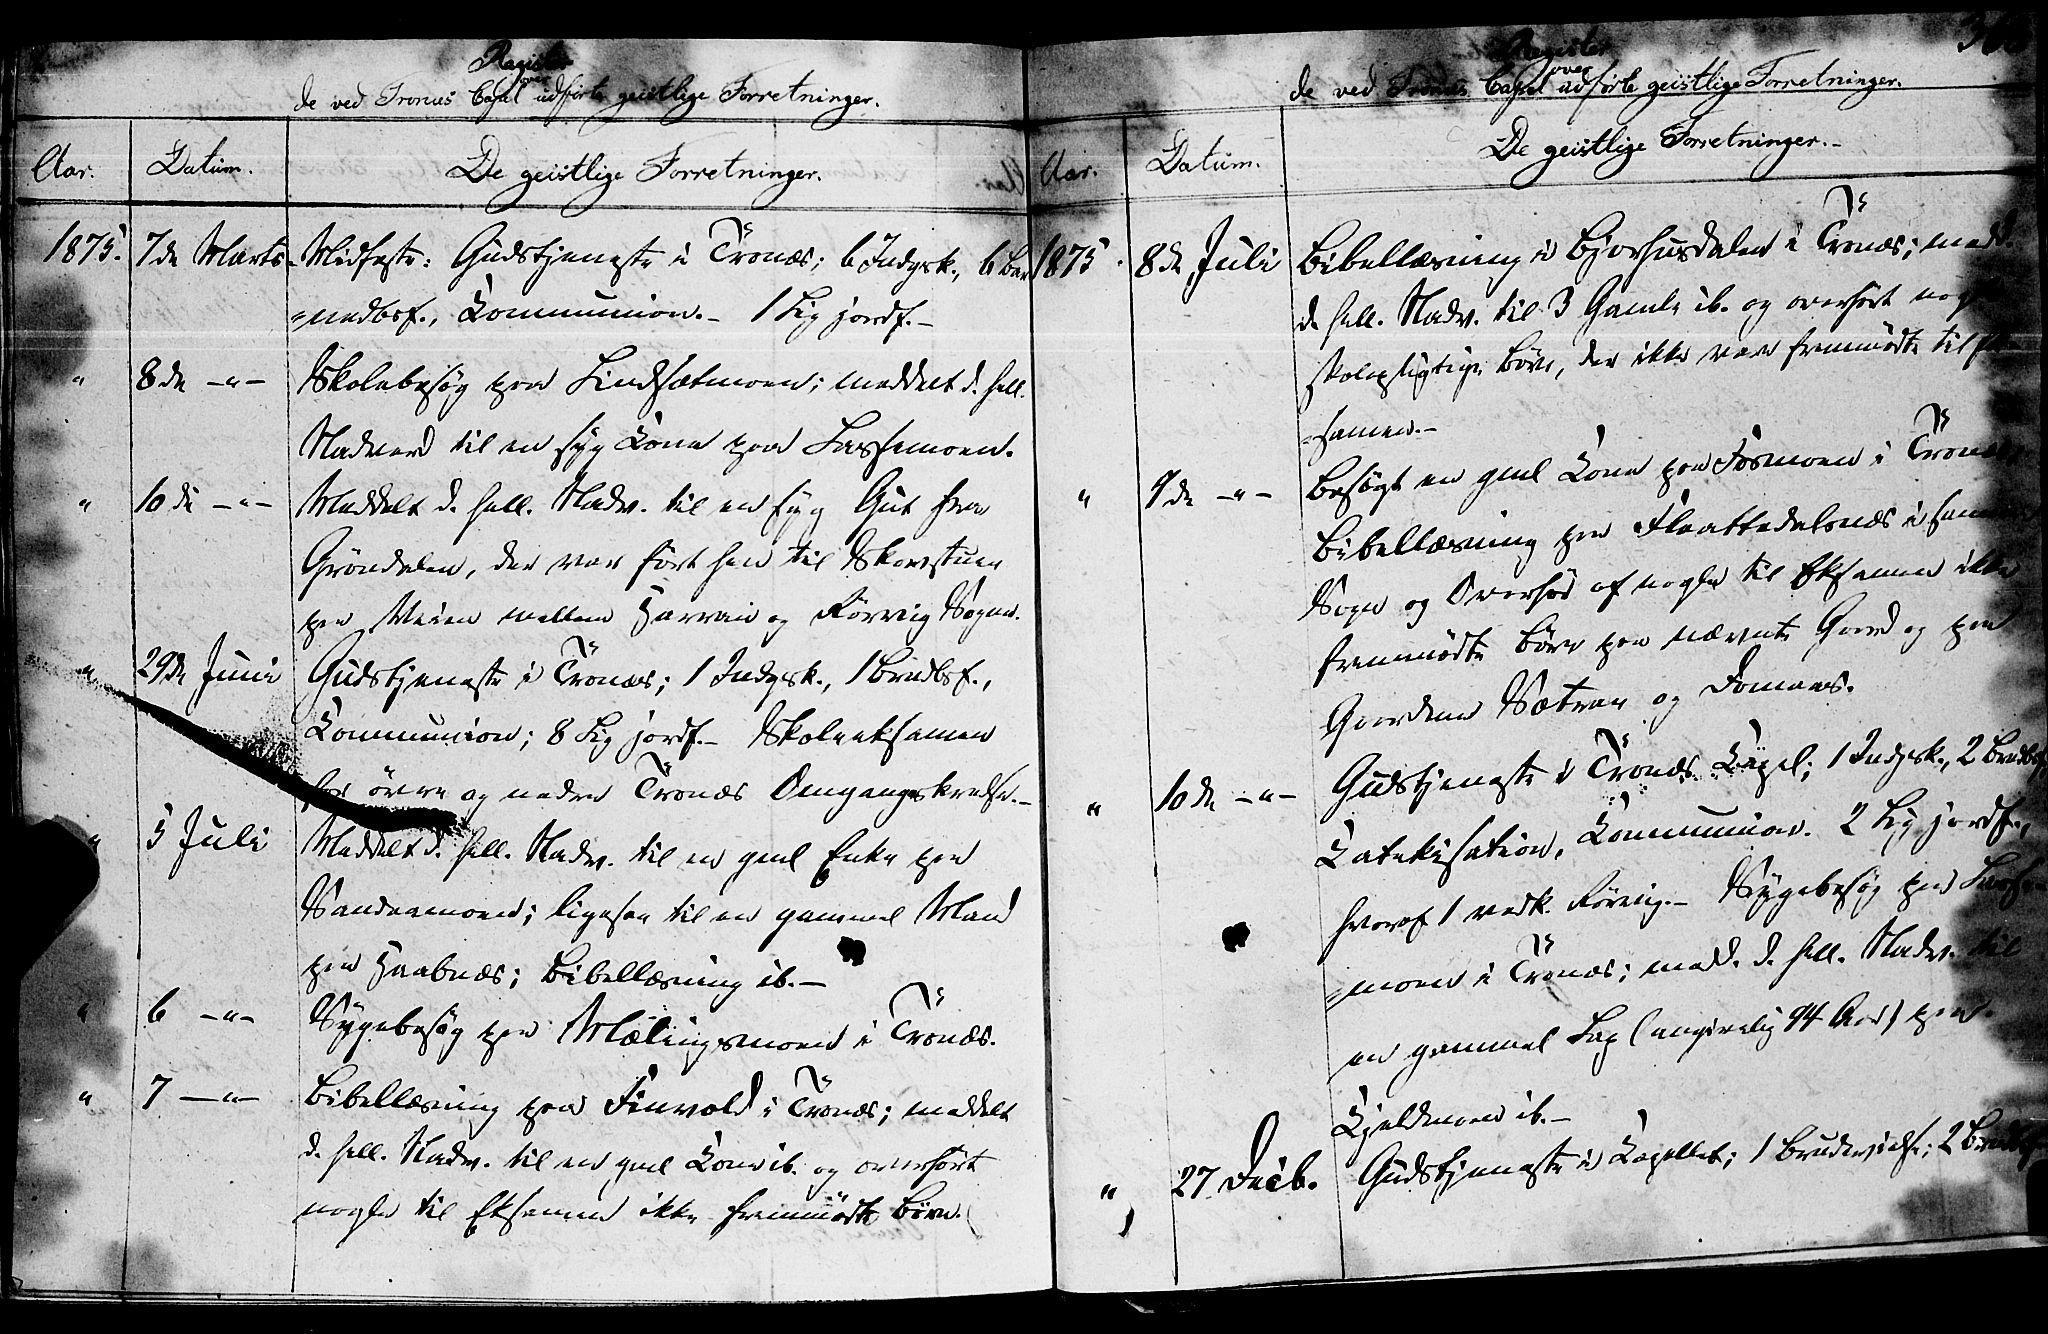 SAT, Ministerialprotokoller, klokkerbøker og fødselsregistre - Nord-Trøndelag, 762/L0538: Ministerialbok nr. 762A02 /2, 1833-1879, s. 368